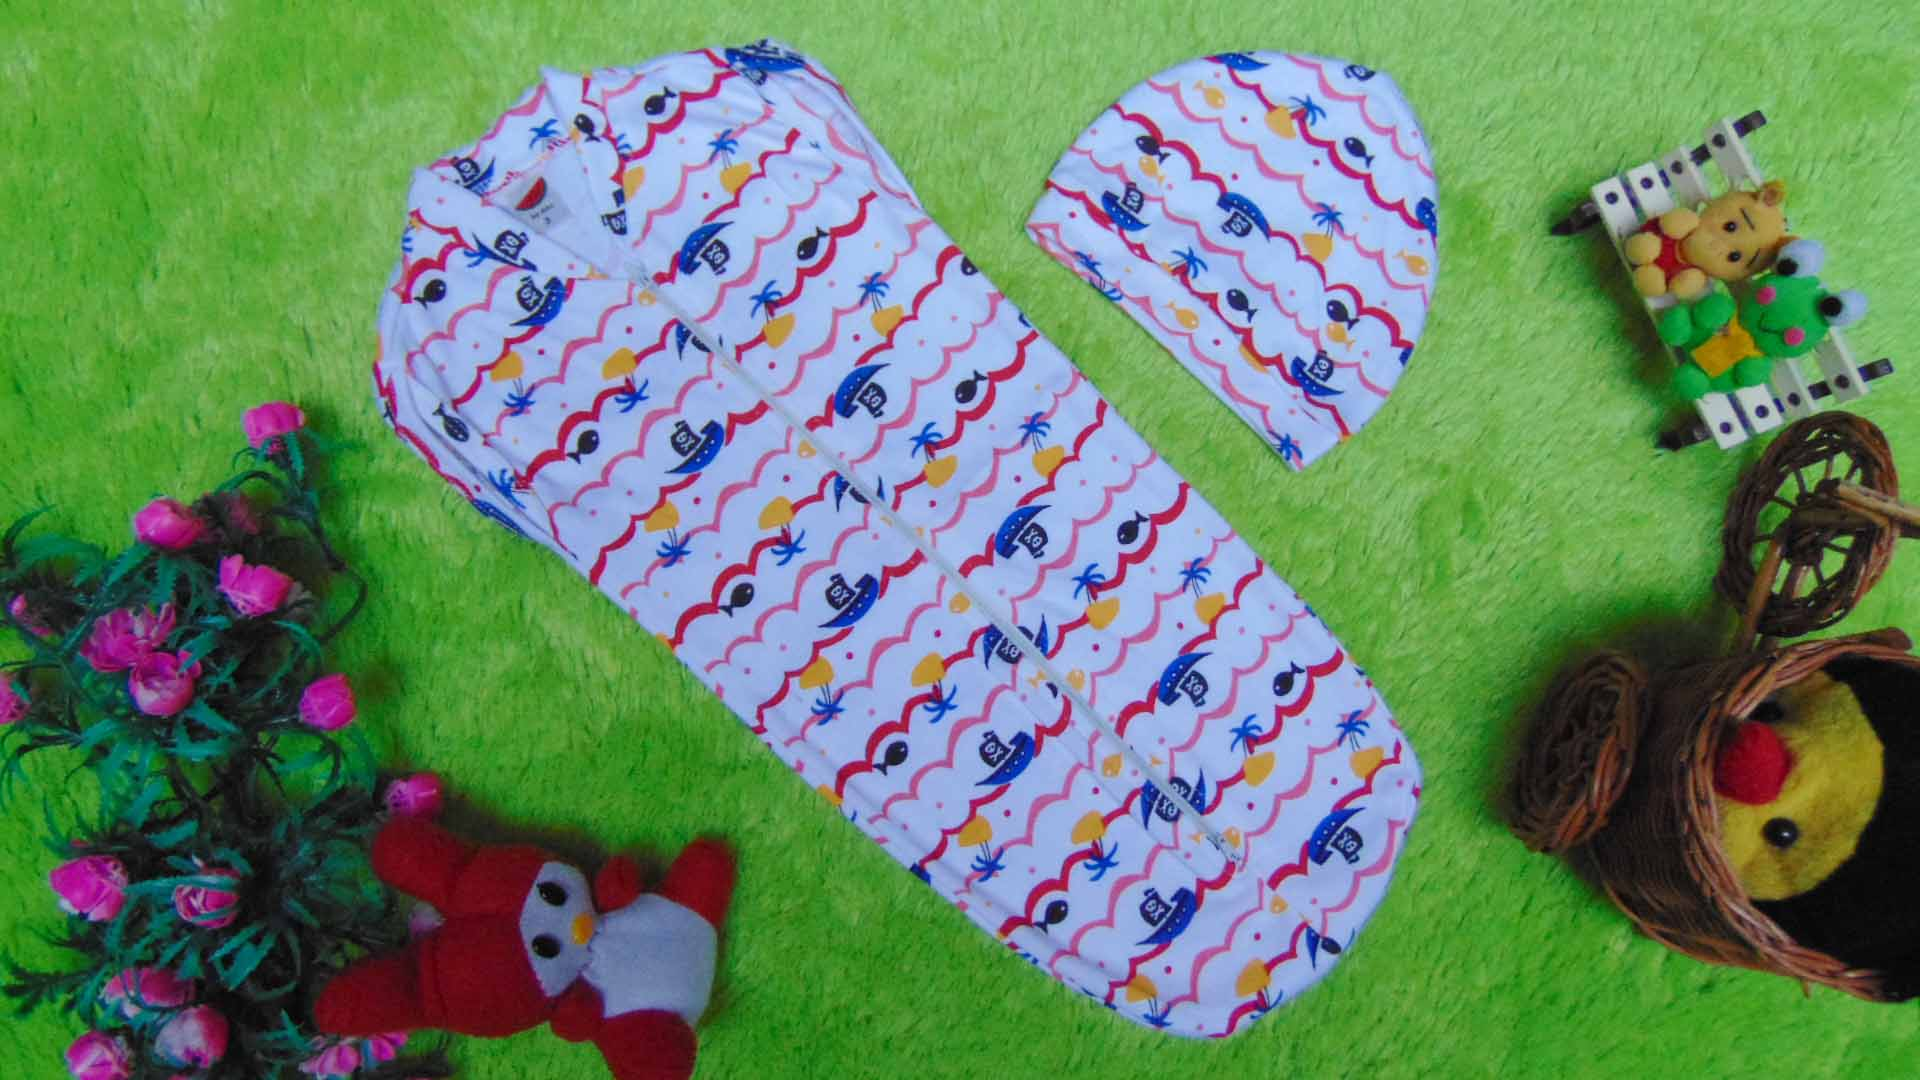 FREE TOPI bedong instant bayi rit ritsleting baby newborn motif pelaut merah plus topi 39 bahan kaos lembut,nyaman tuk baby,lebar dada 18cm,pjg 44cm